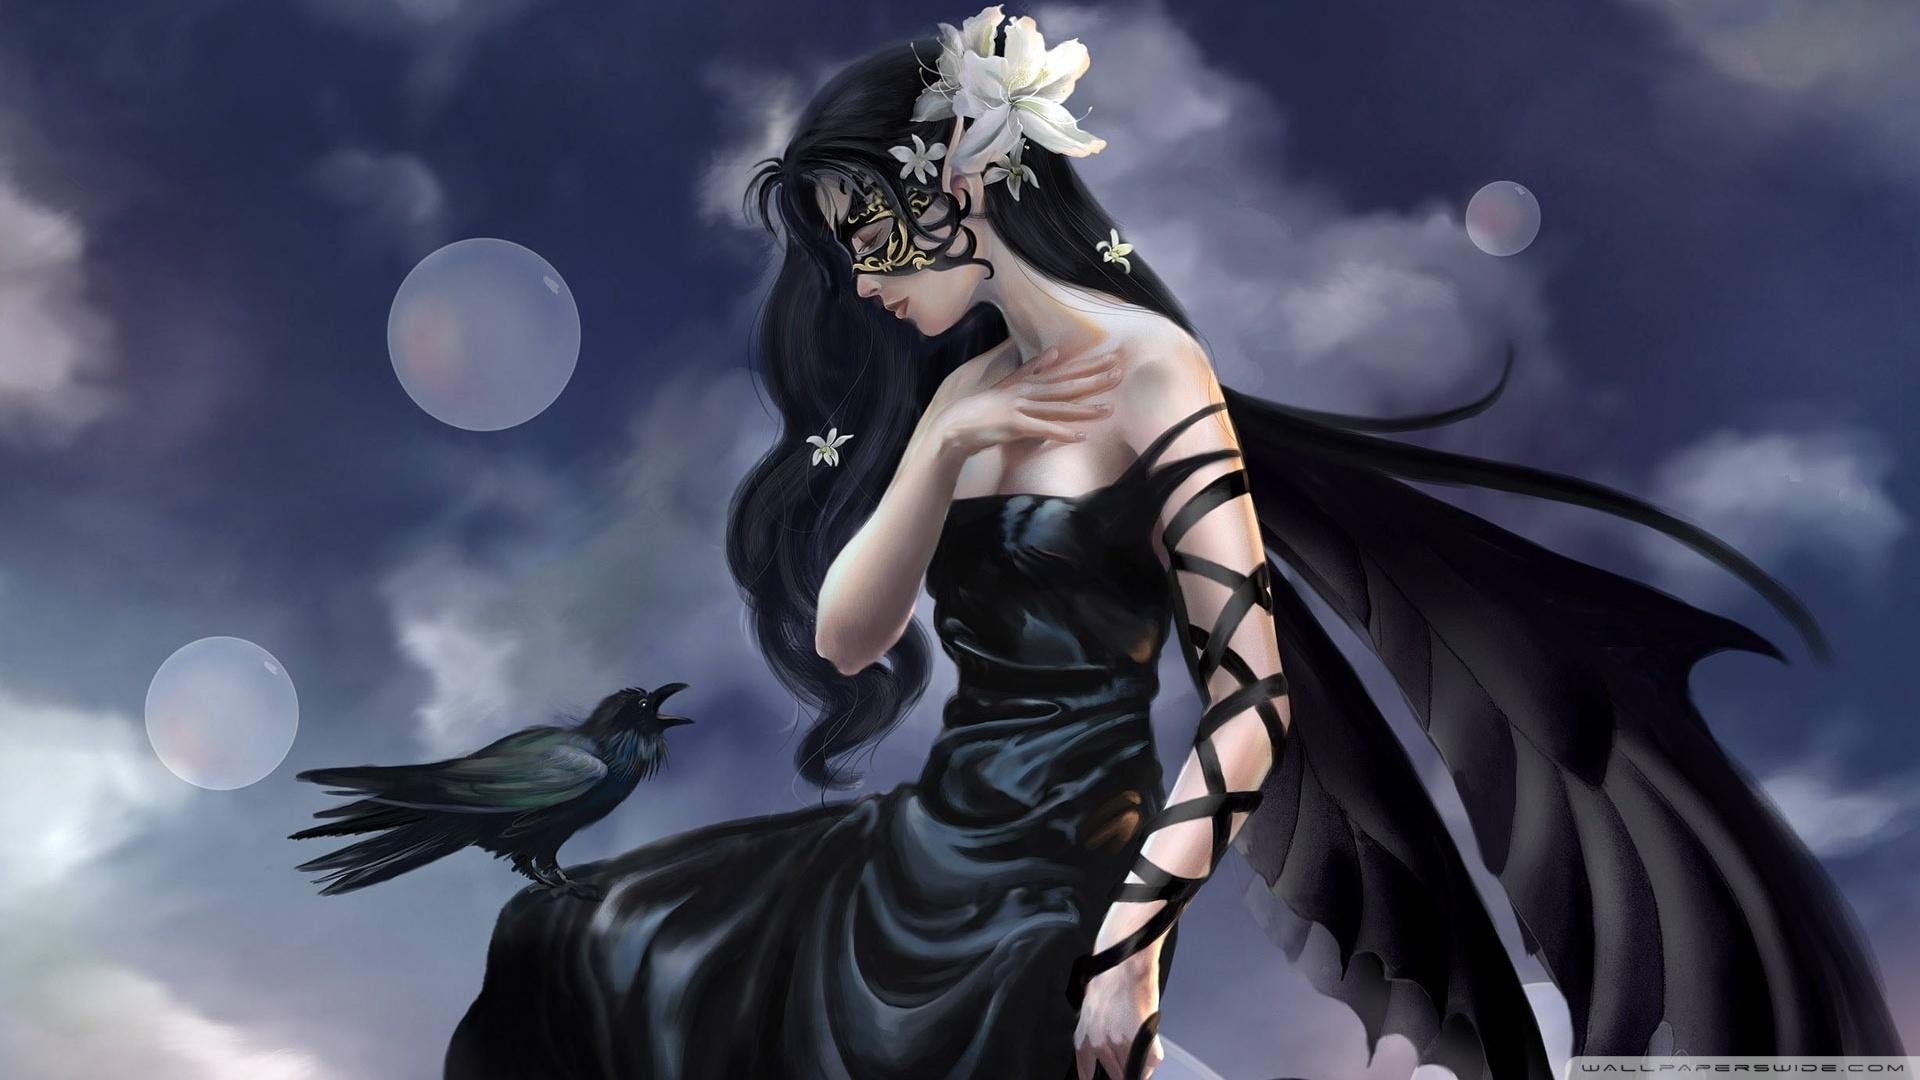 Raven Girl, Art HD desktop wallpaper : High Definition